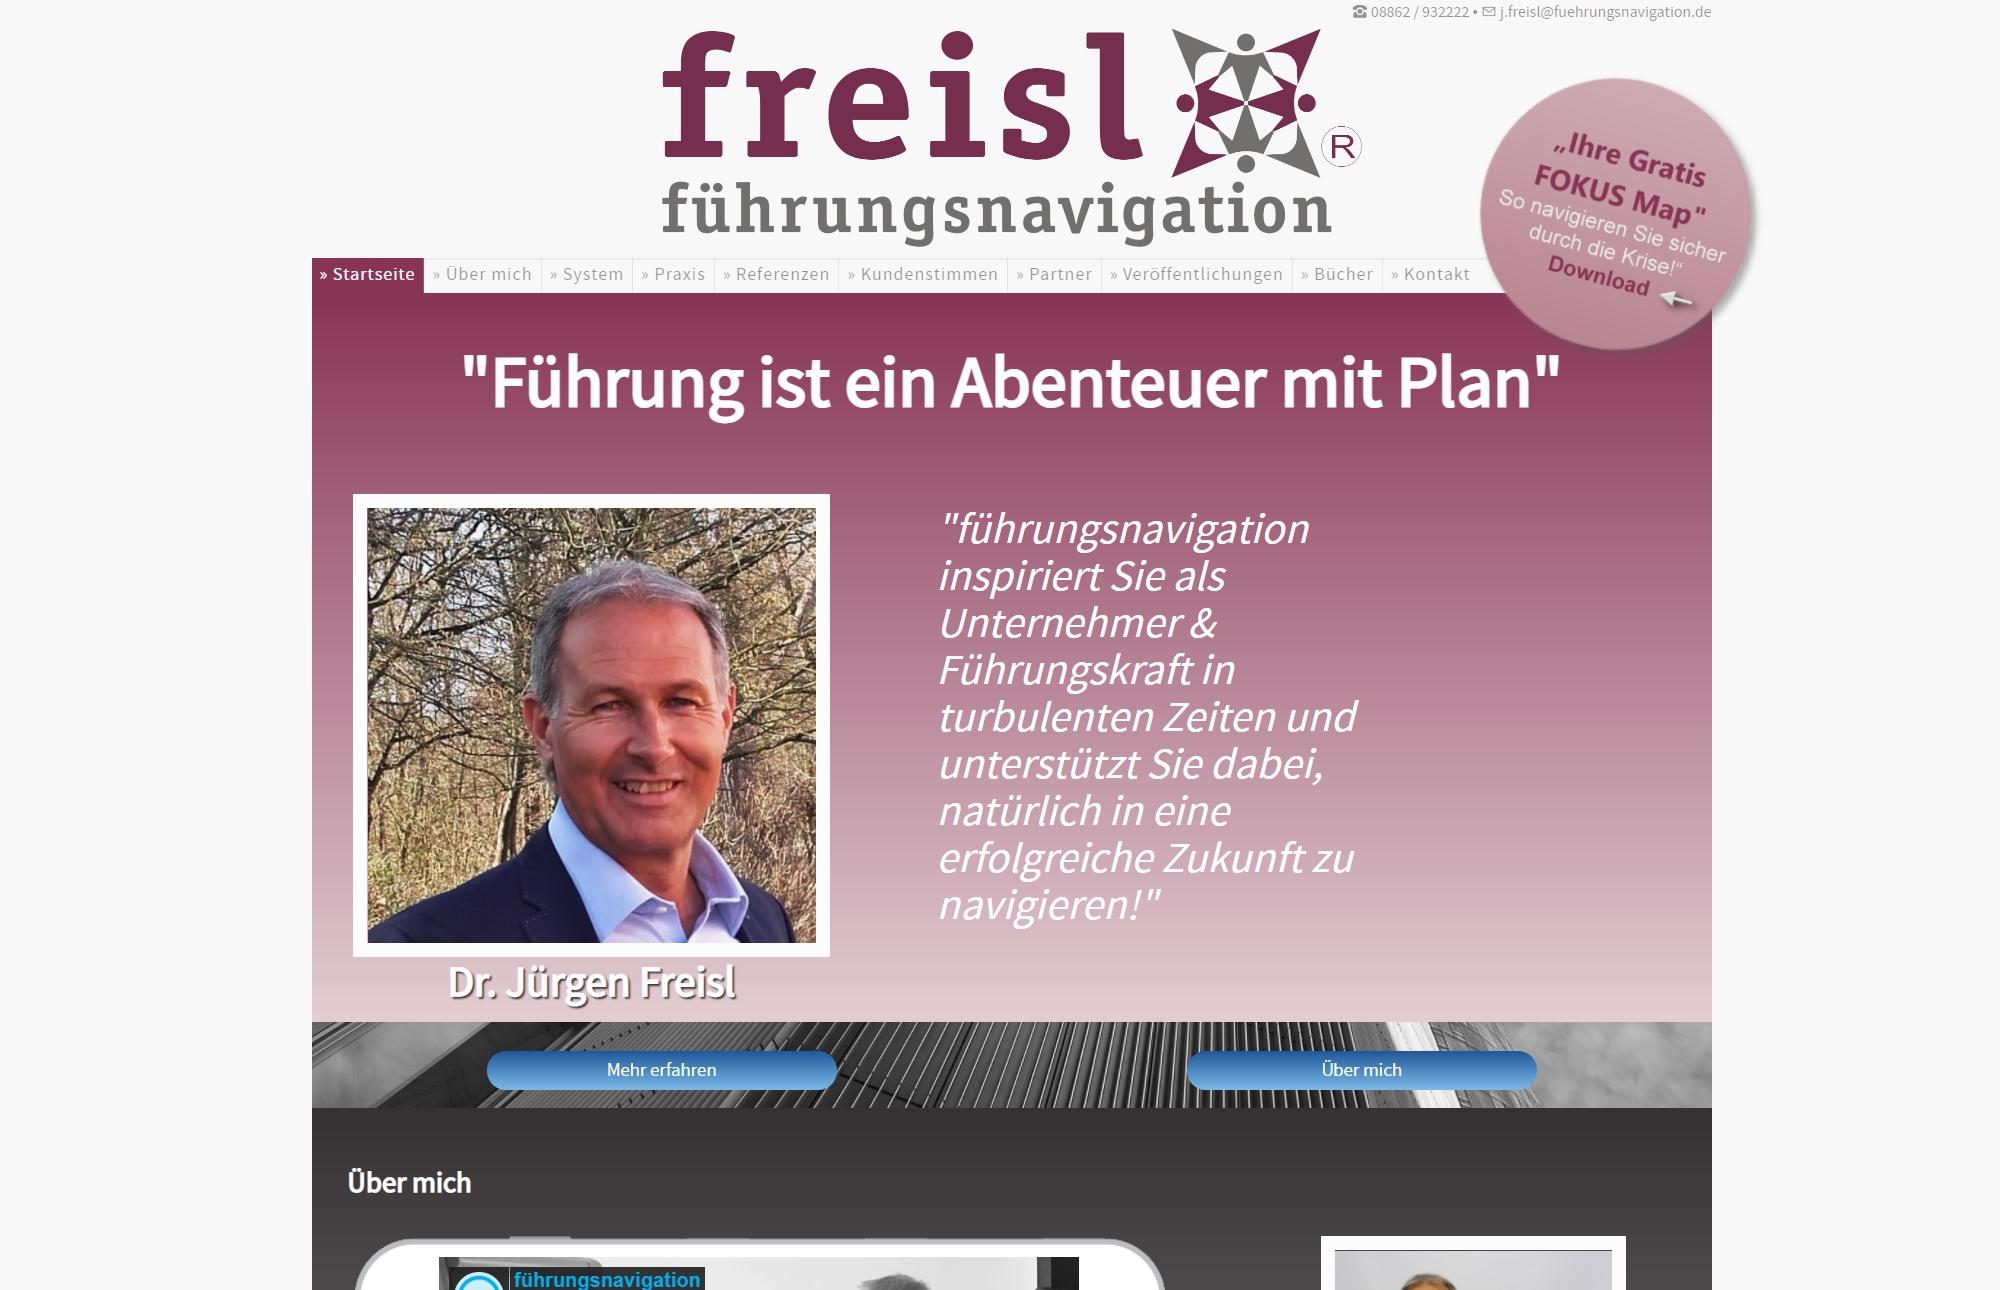 Führungsnavigation, Steingaden